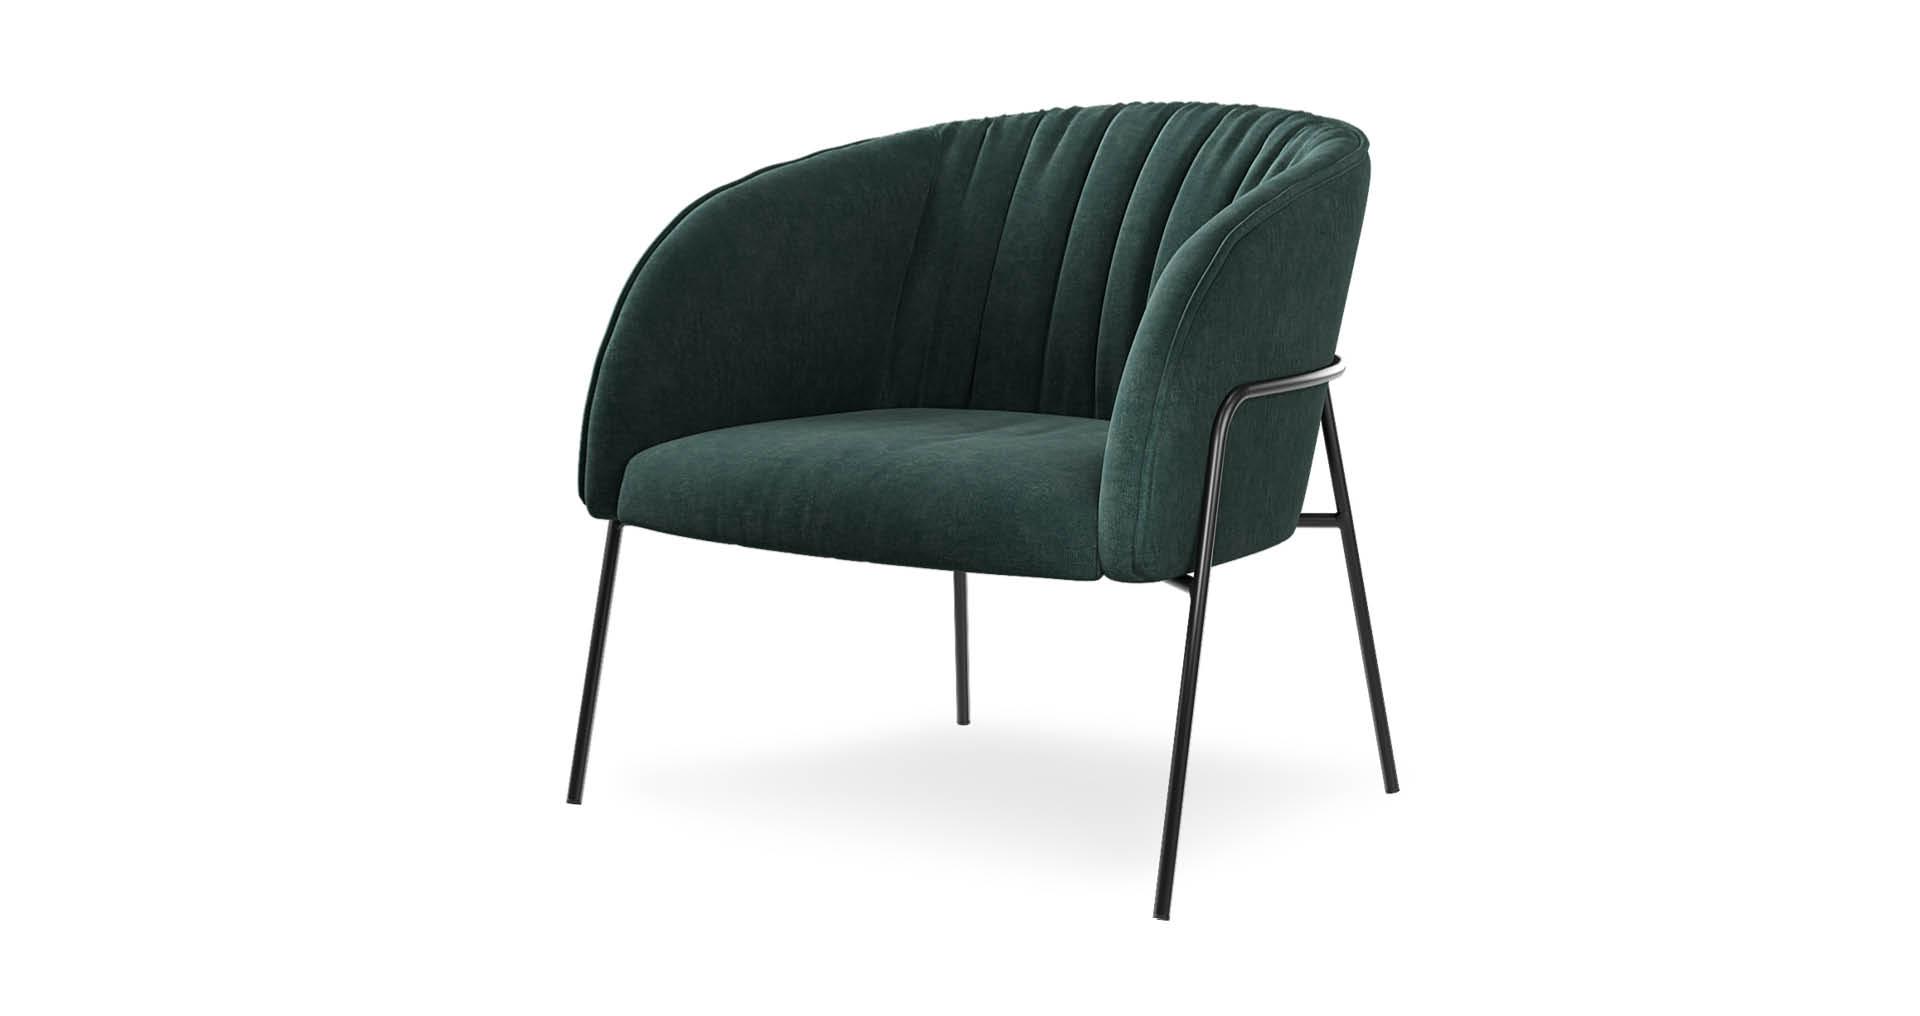 כורסא סקנדיה 200 בגוון ירוק אמרלד